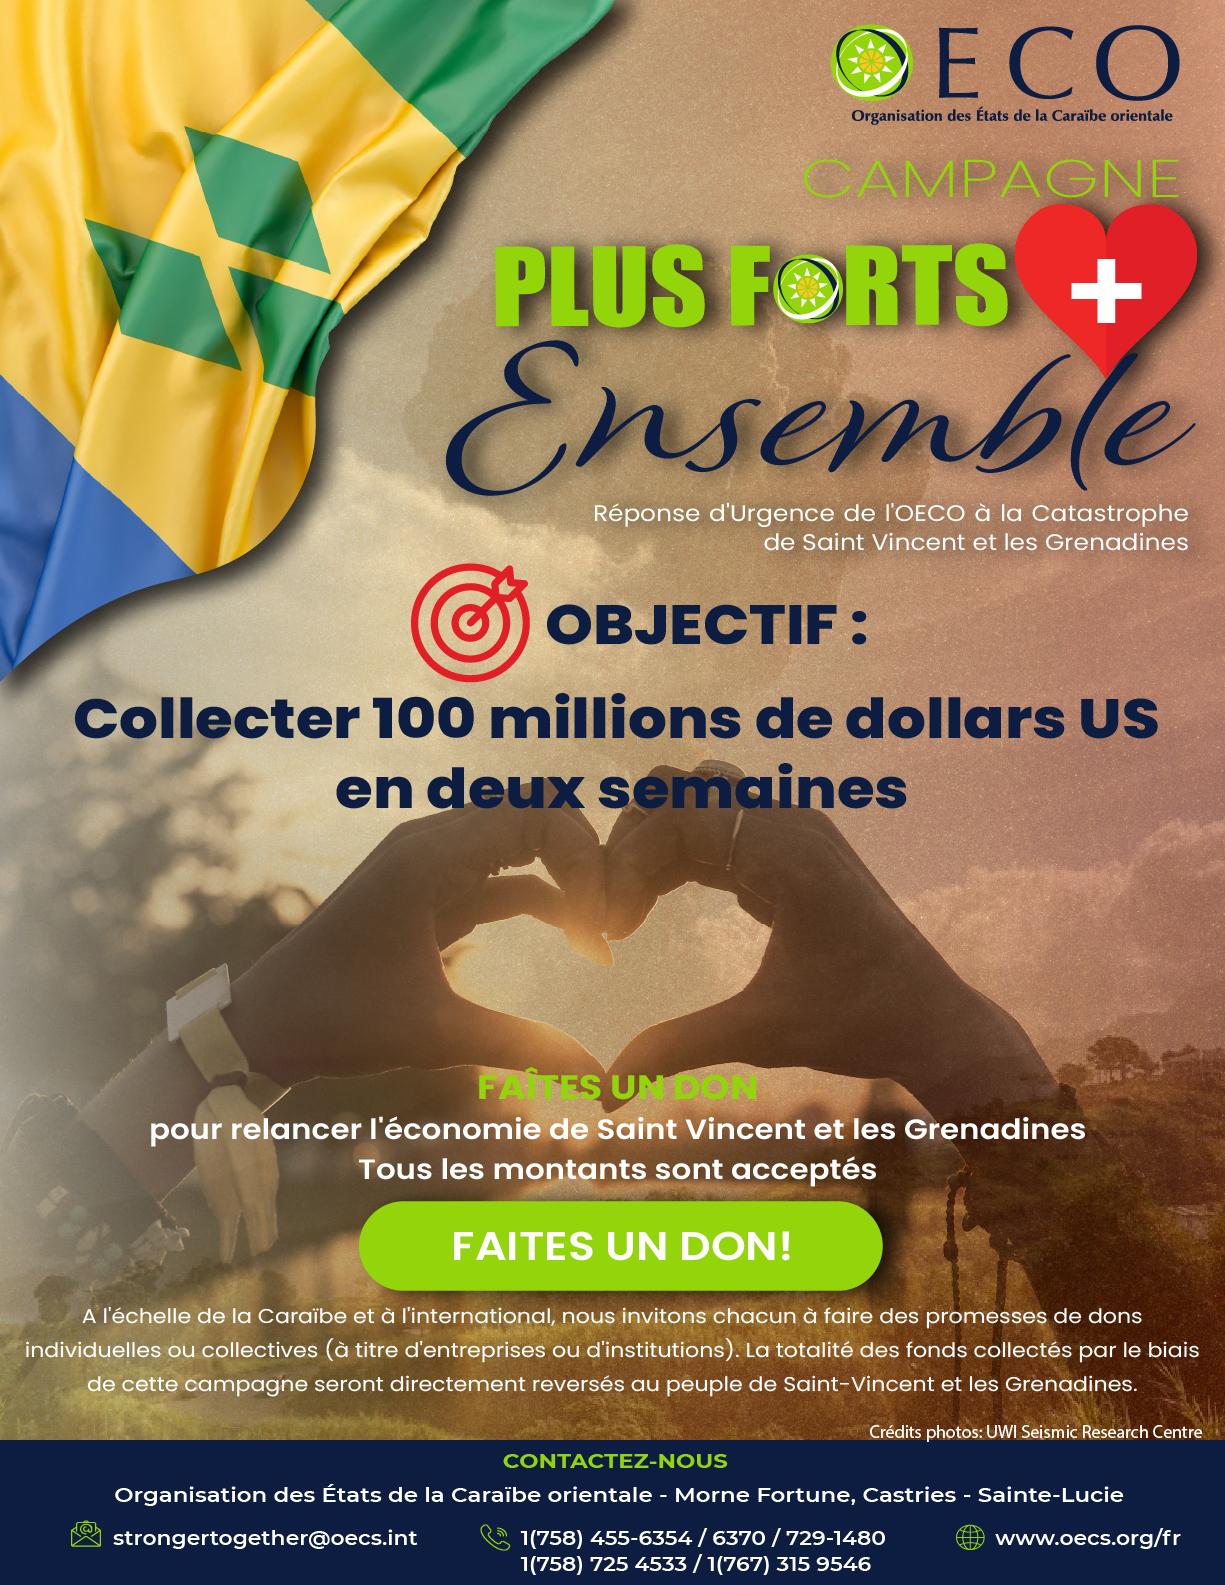 Campagne OECS appel aux dons pour Saint-Vincent